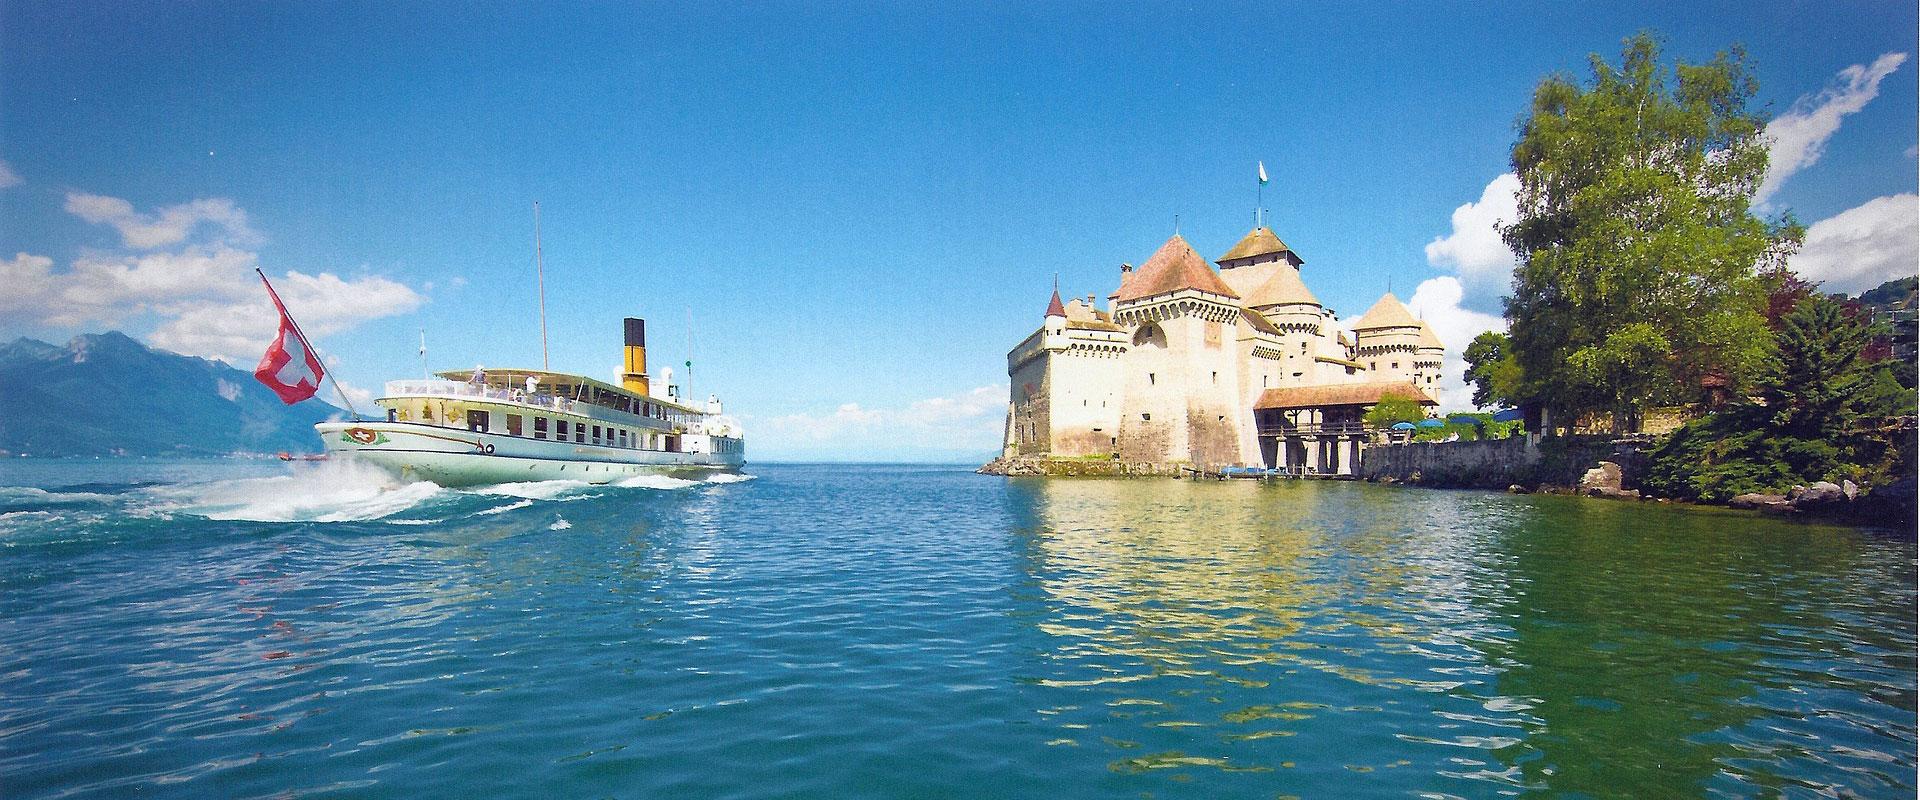 Wasserburg Schloss Chillon am Genfersee im Kanton Waadt